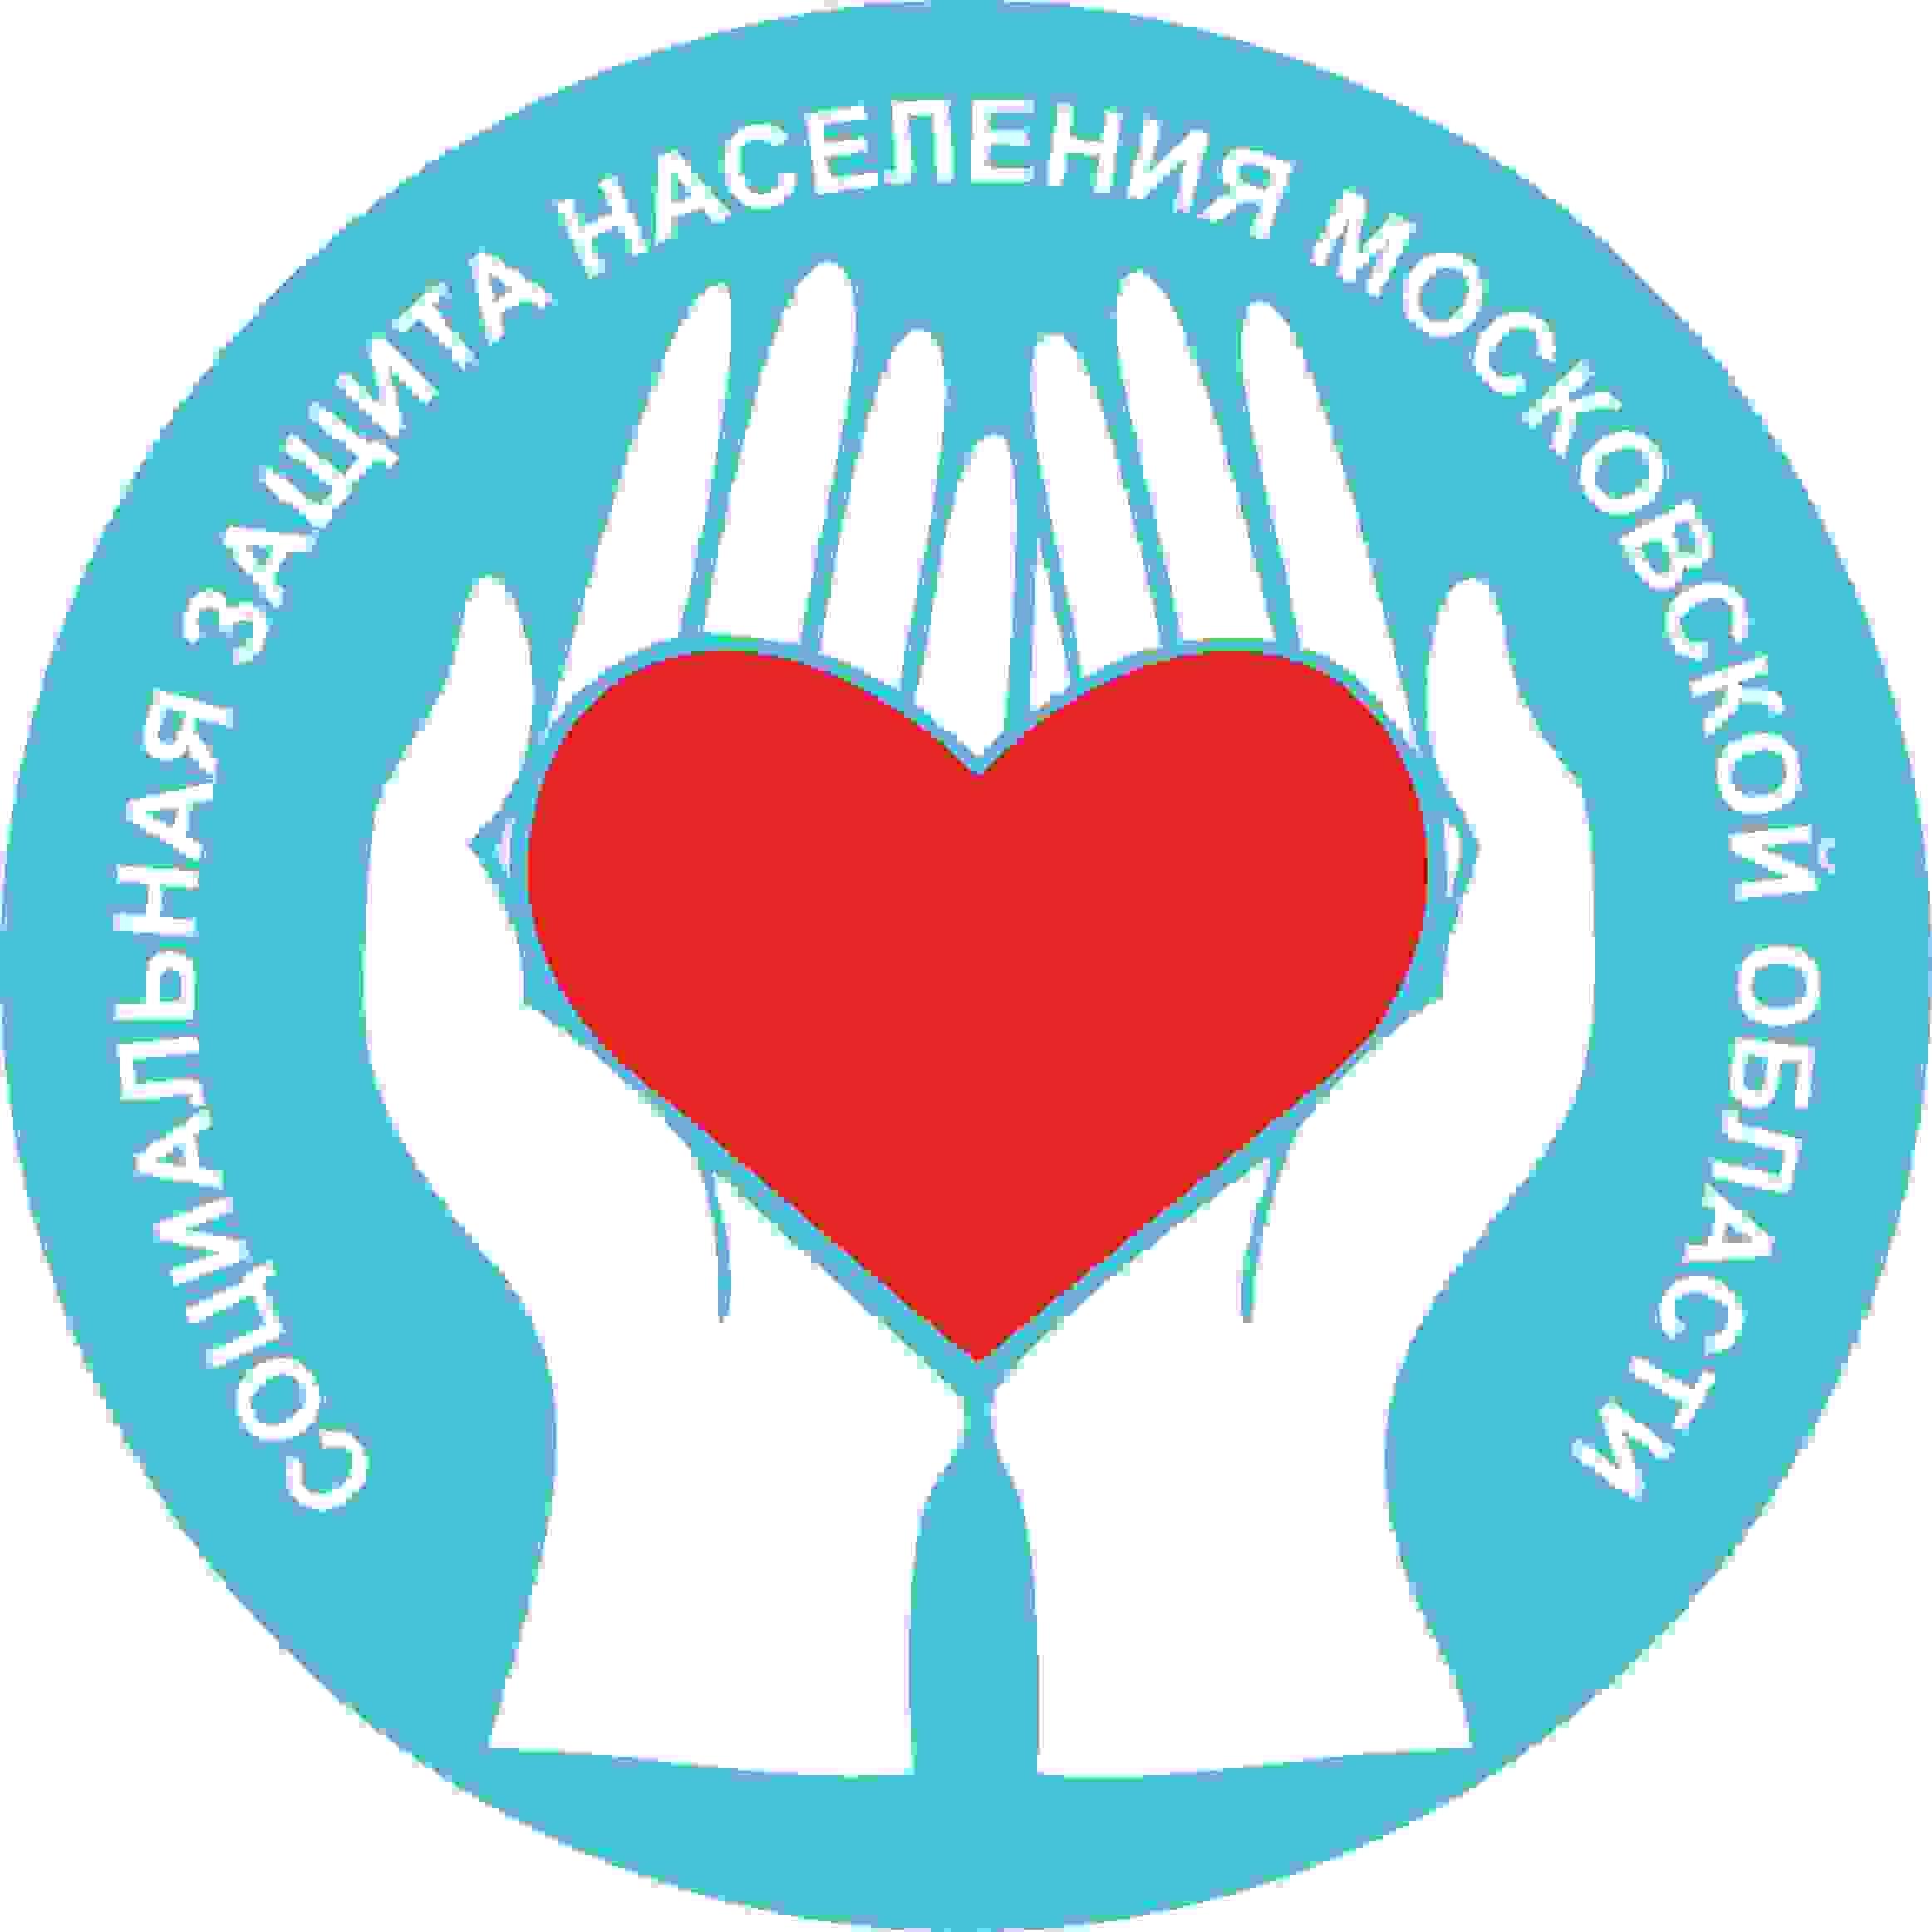 ро какому адресу находится соц защтта дитей щелковского района